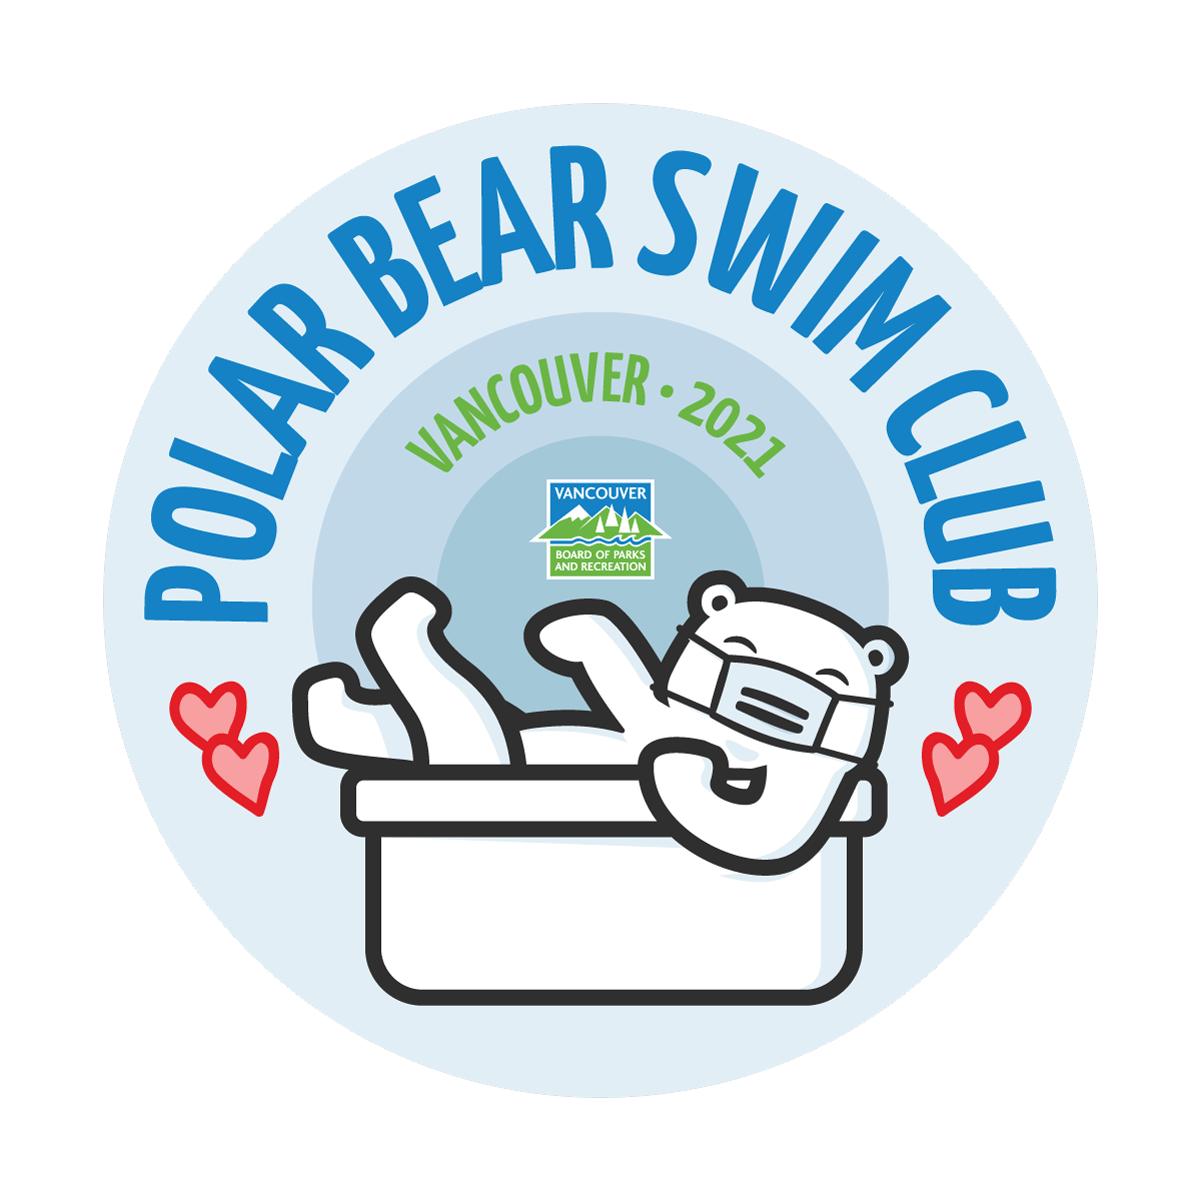 バンクーバーの新春寒中水泳、2021年はバーチャルで 各自家庭で「水浴び」呼び掛け